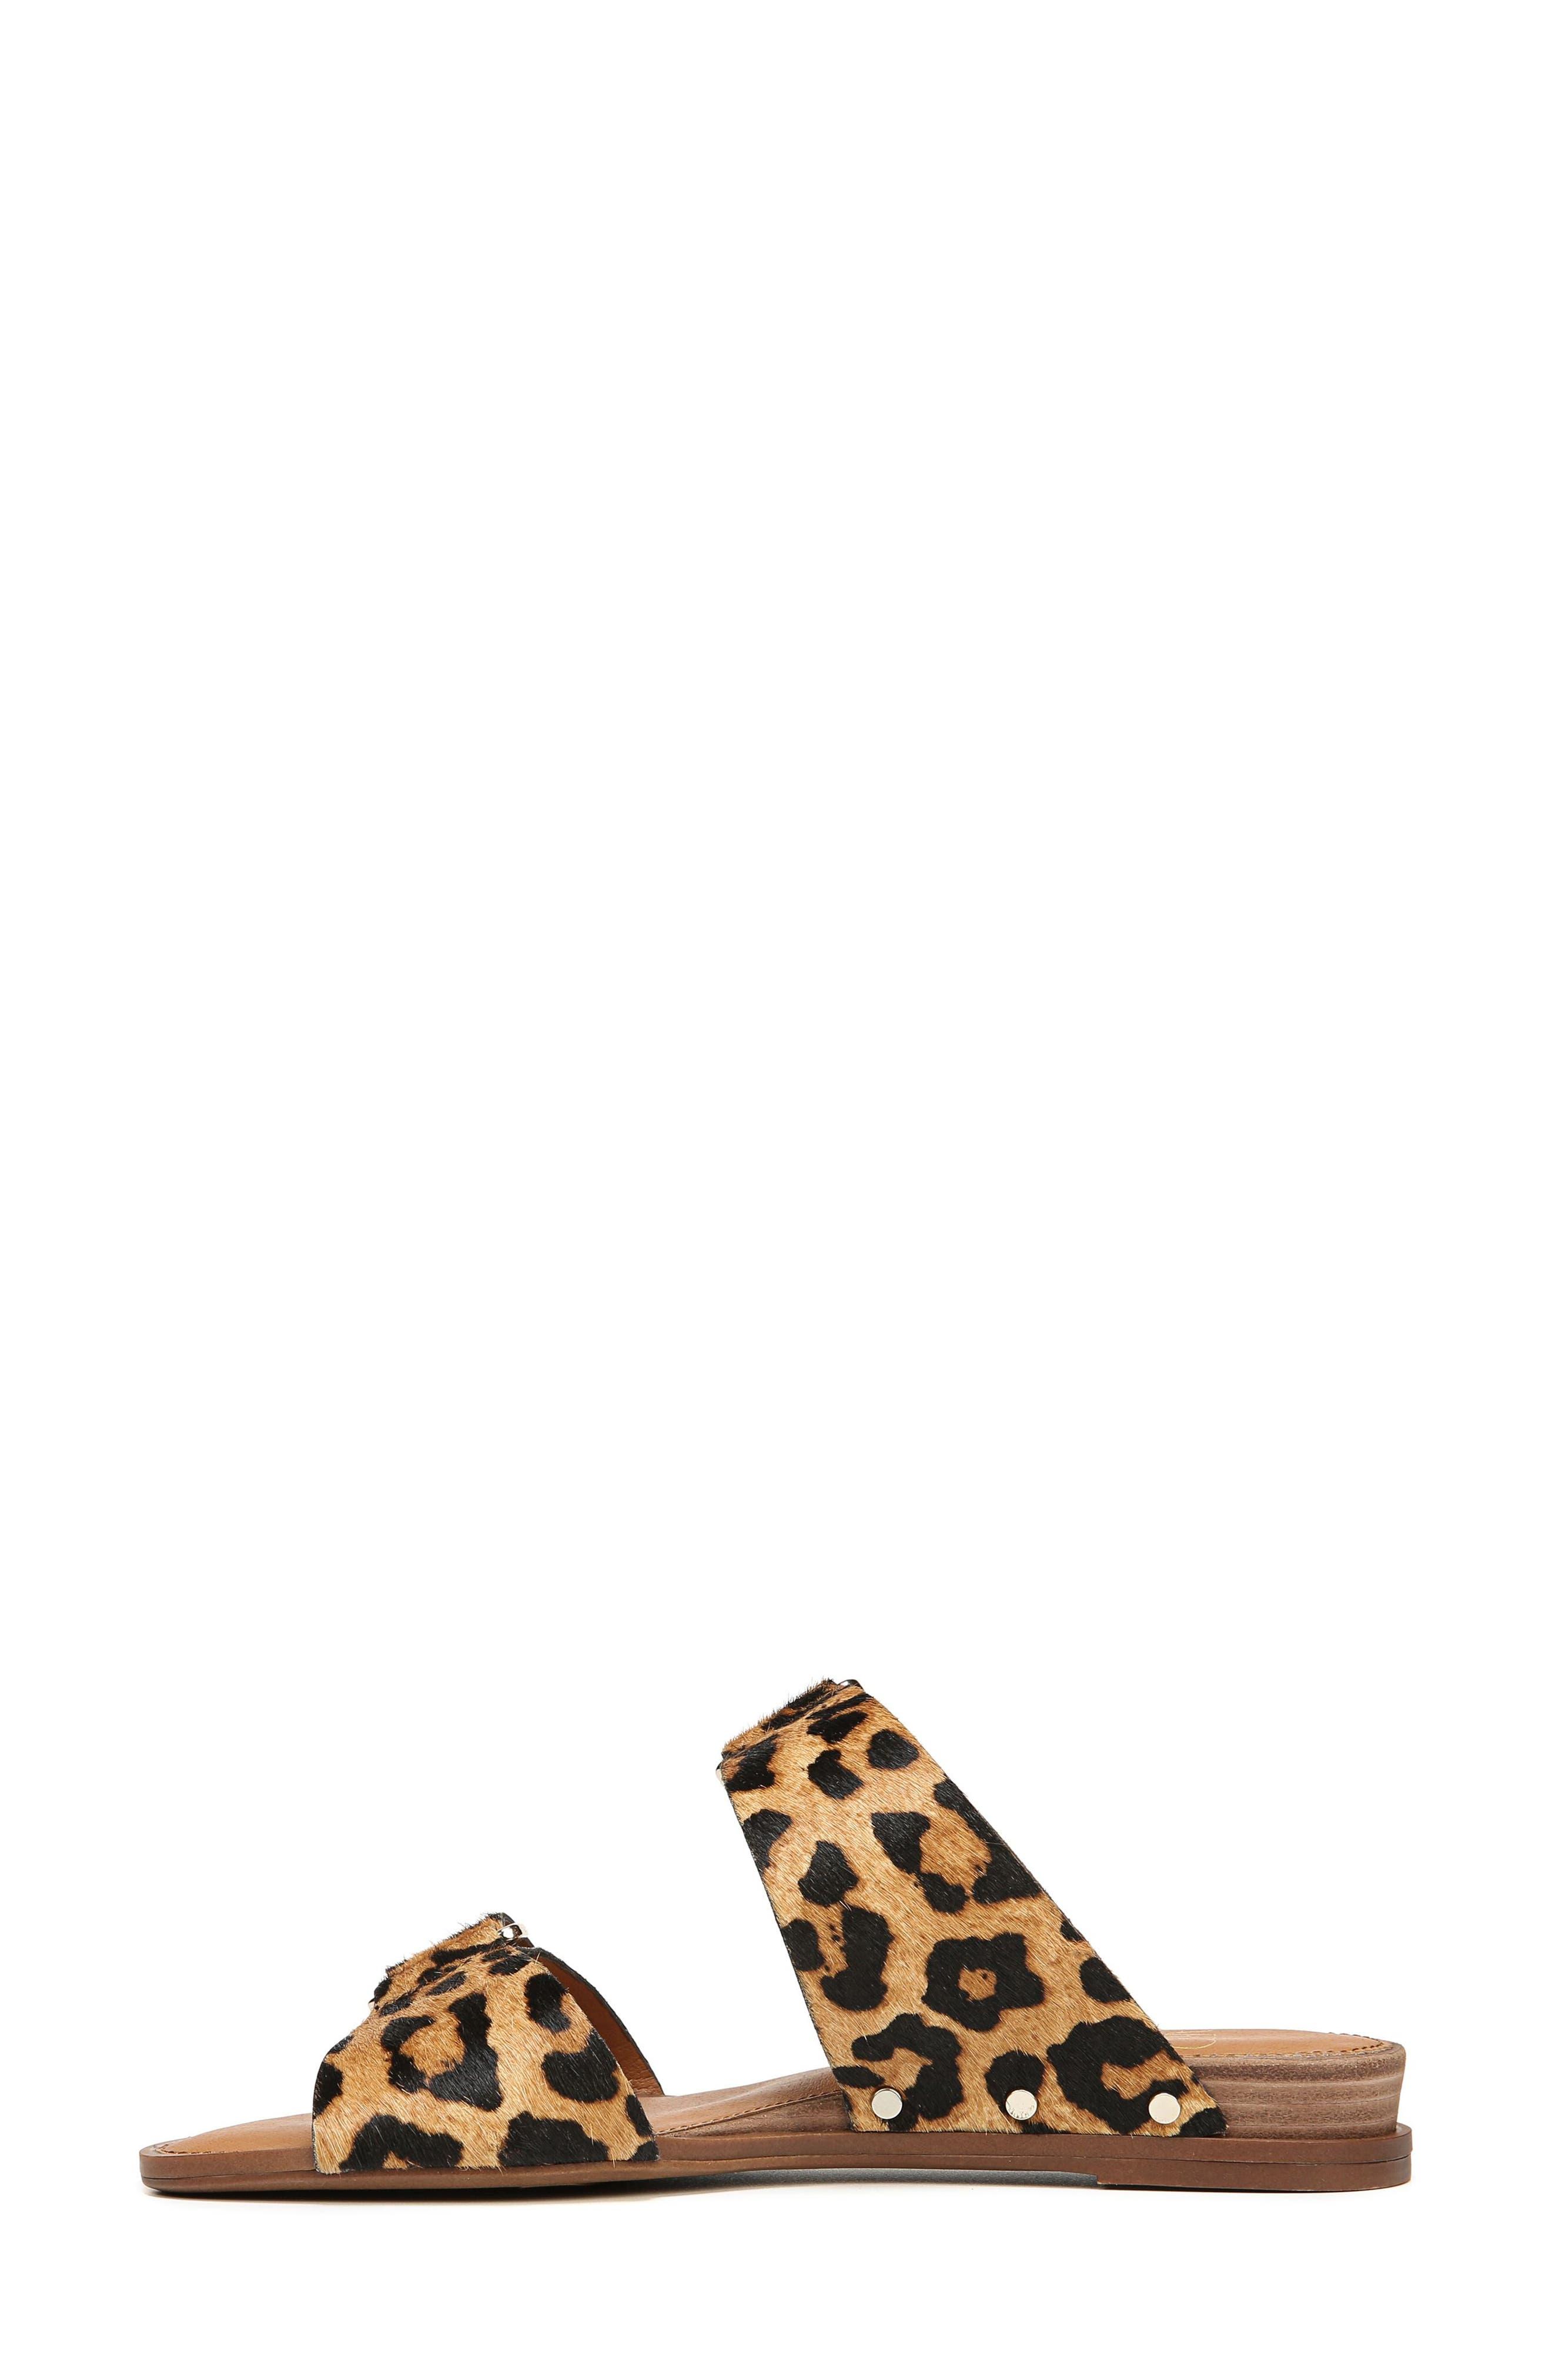 Palomino Genuine Calf Hair Sandal,                             Alternate thumbnail 13, color,